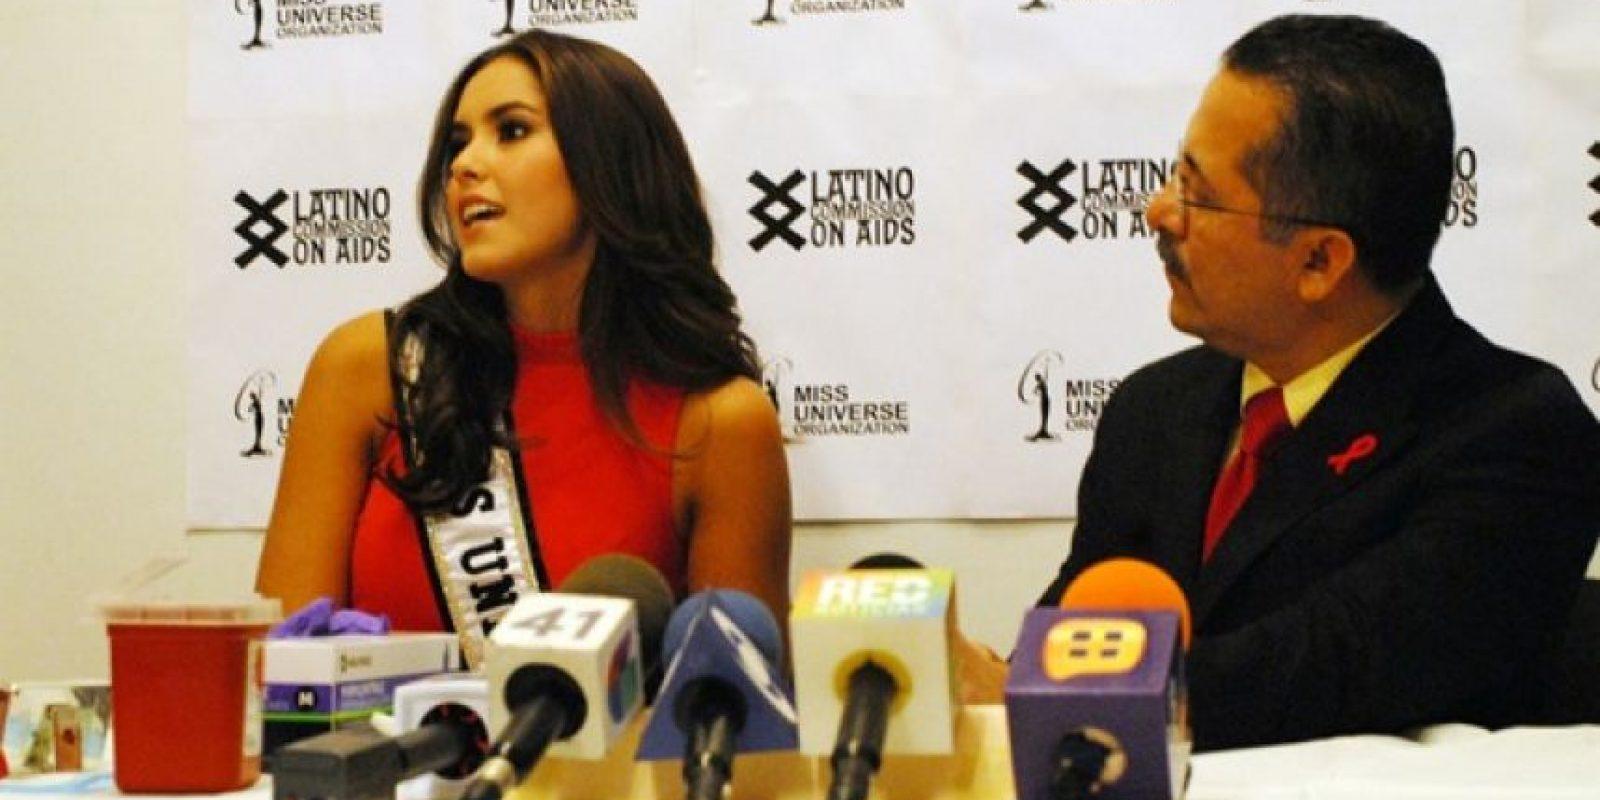 Foto:Comisión Latina sobre el SIDA